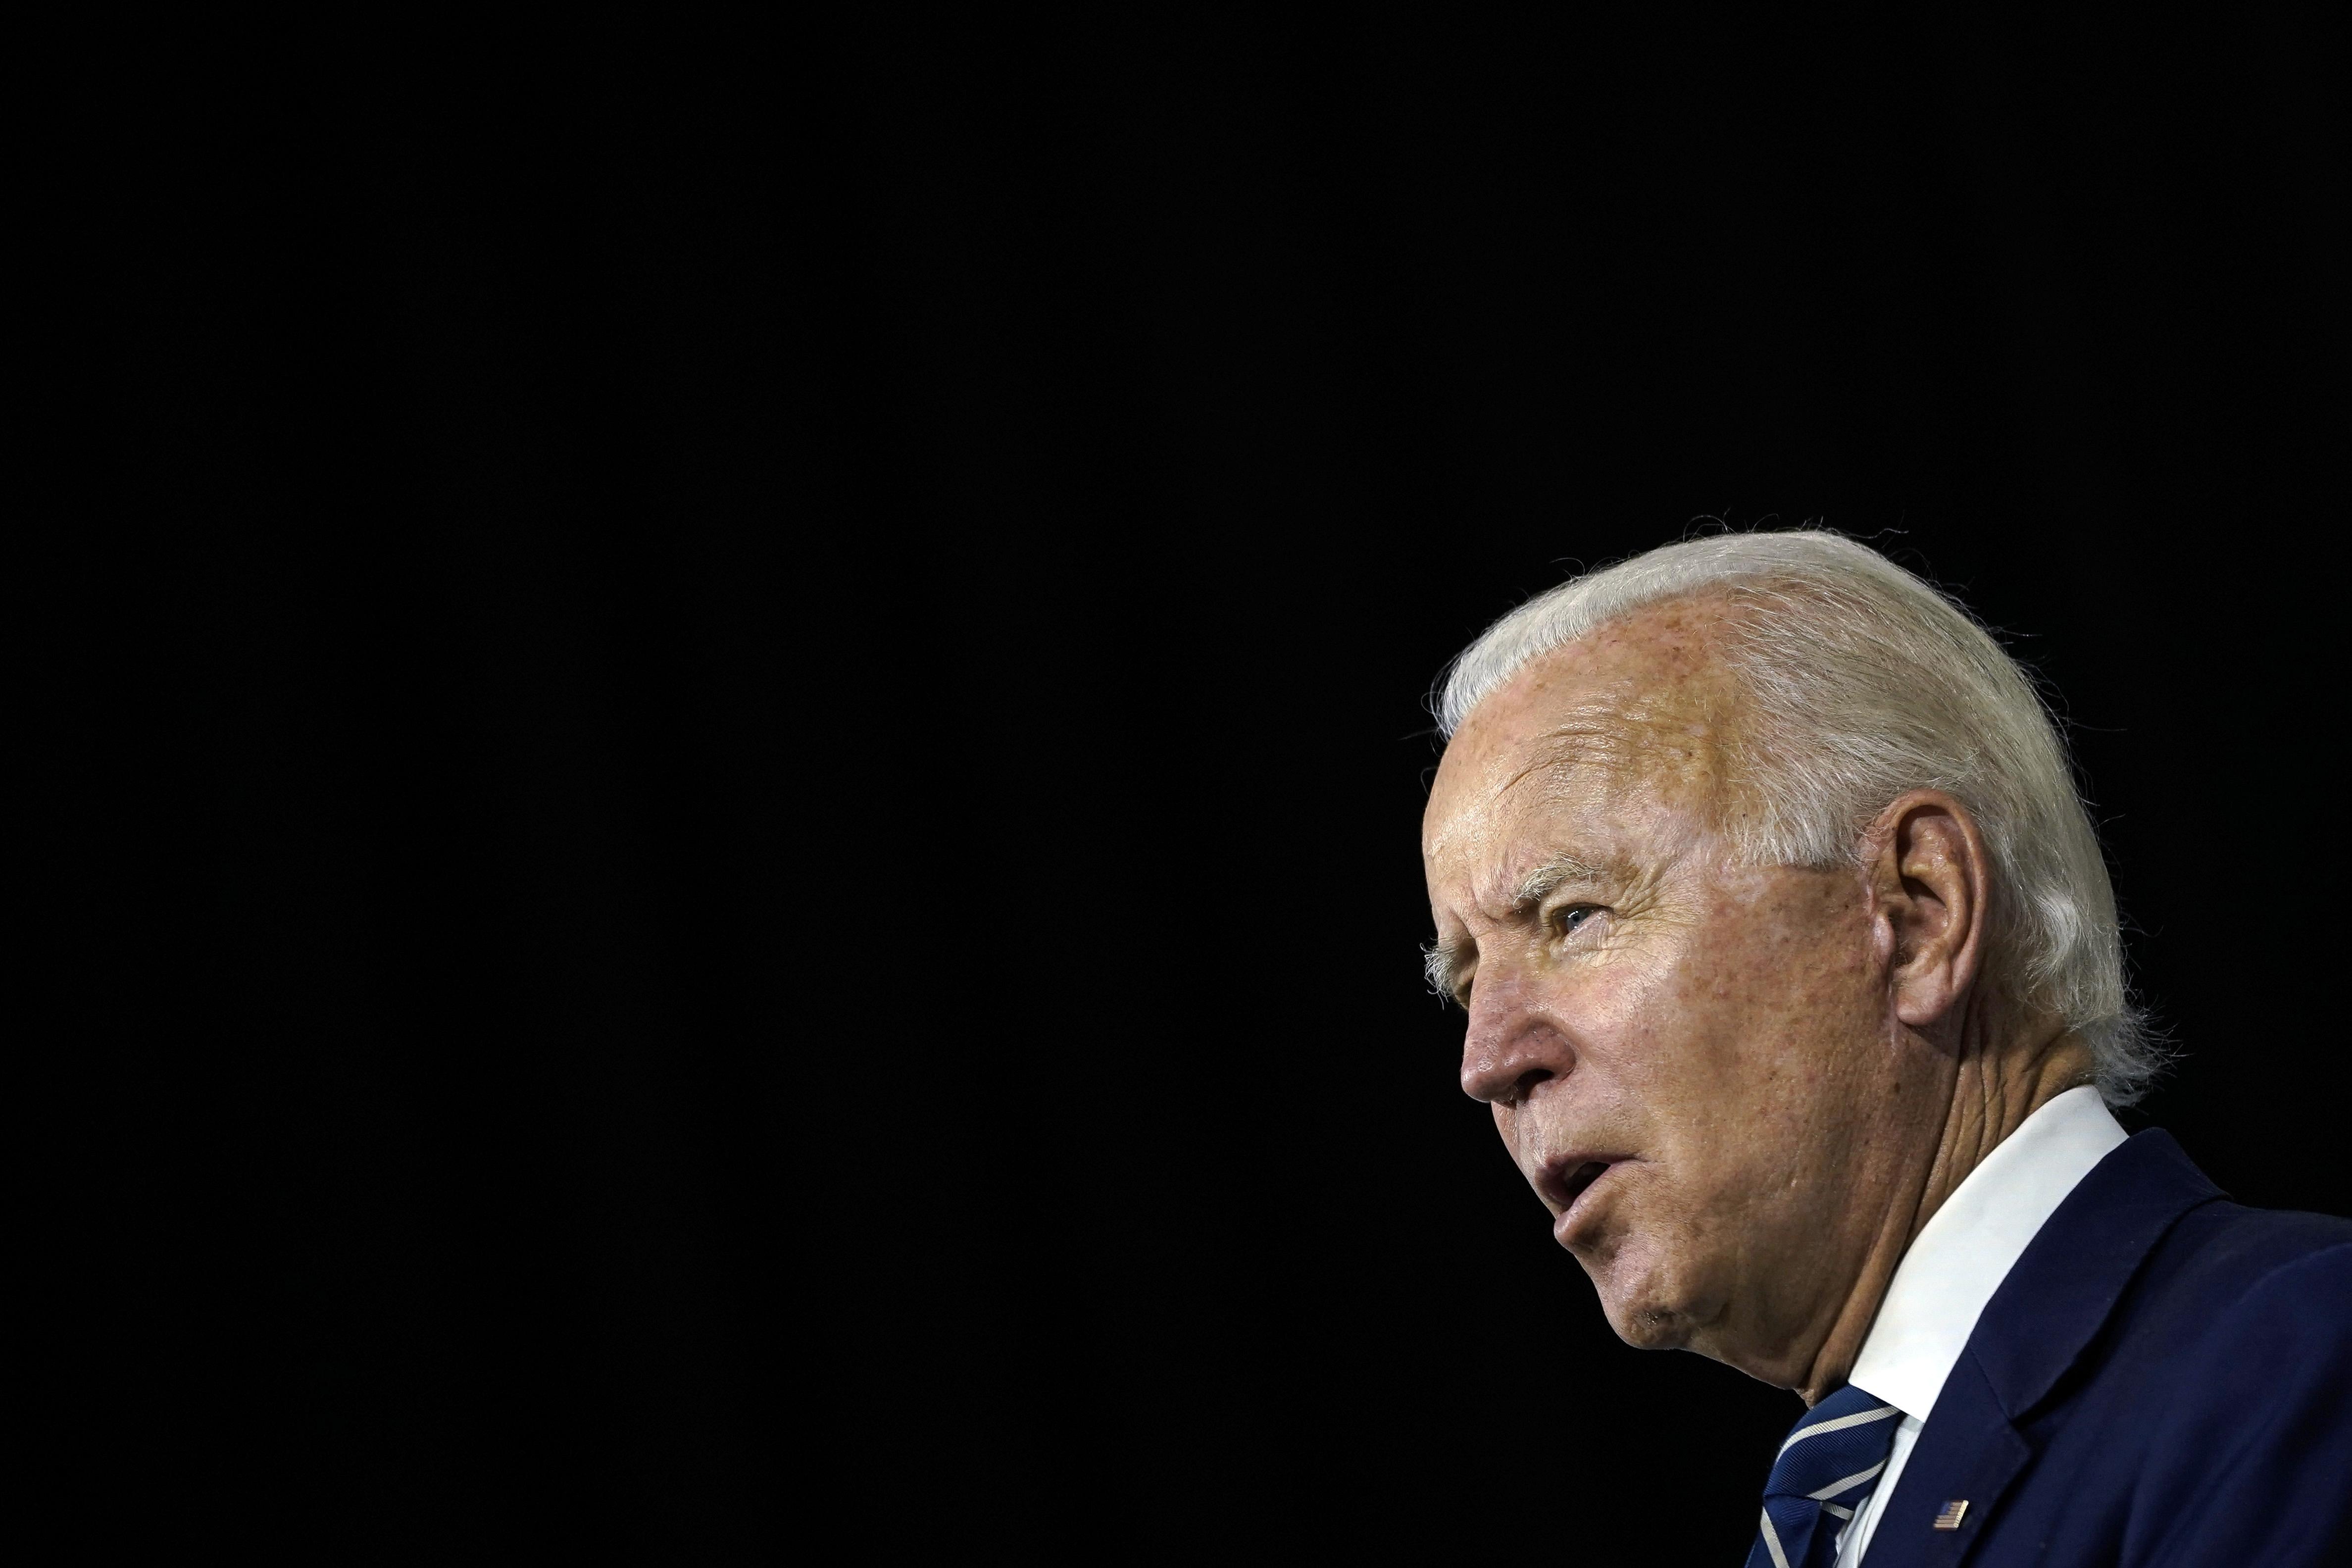 Joe Biden in profile, speaking.